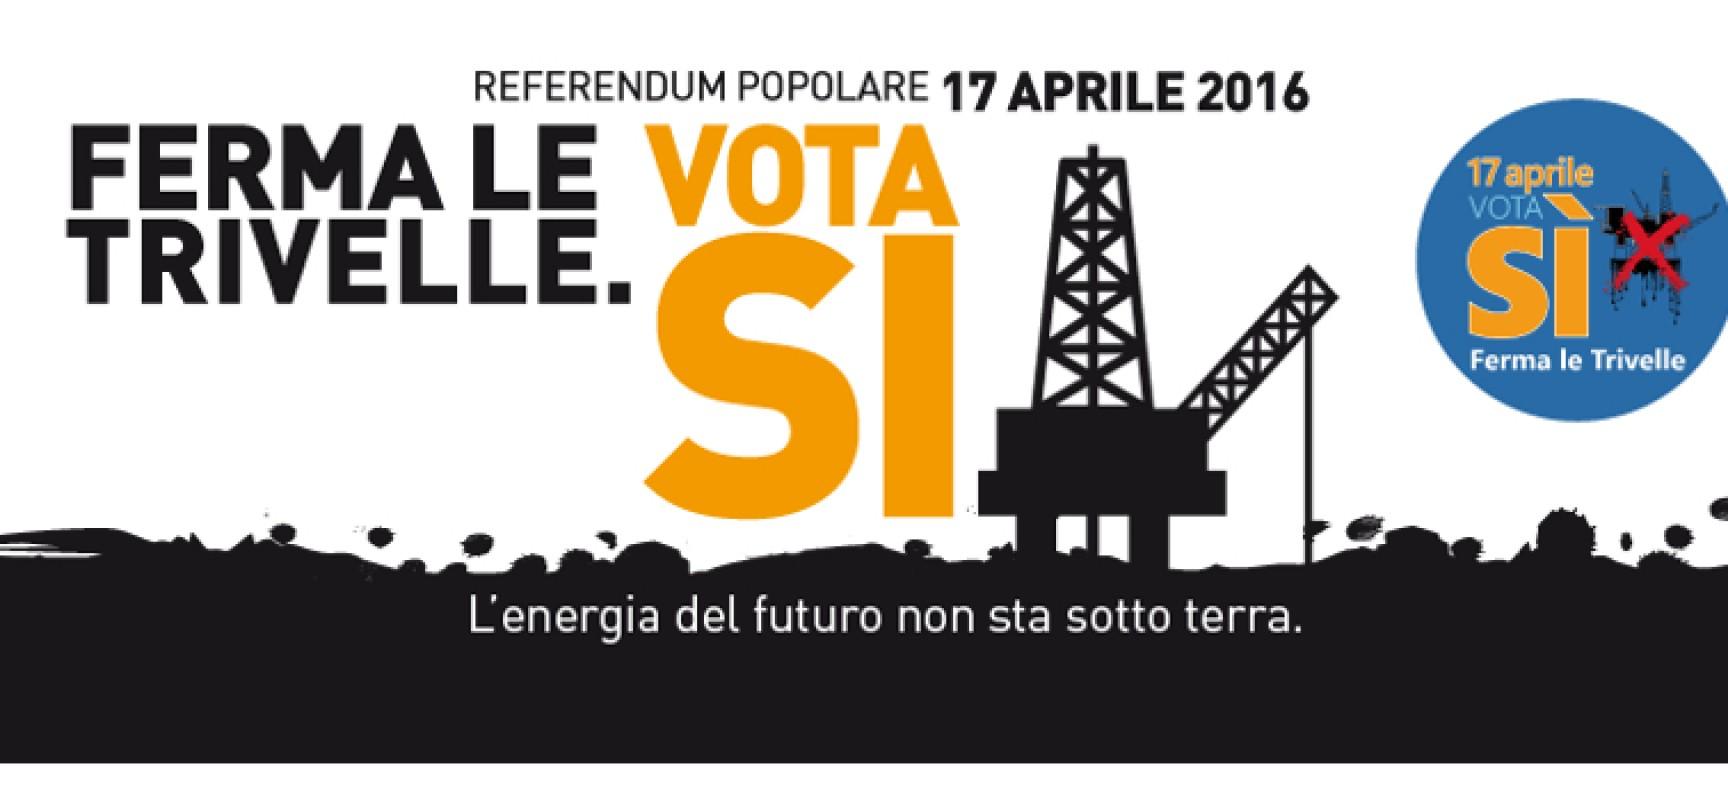 Trivelle: manifesto radicale per il sì!